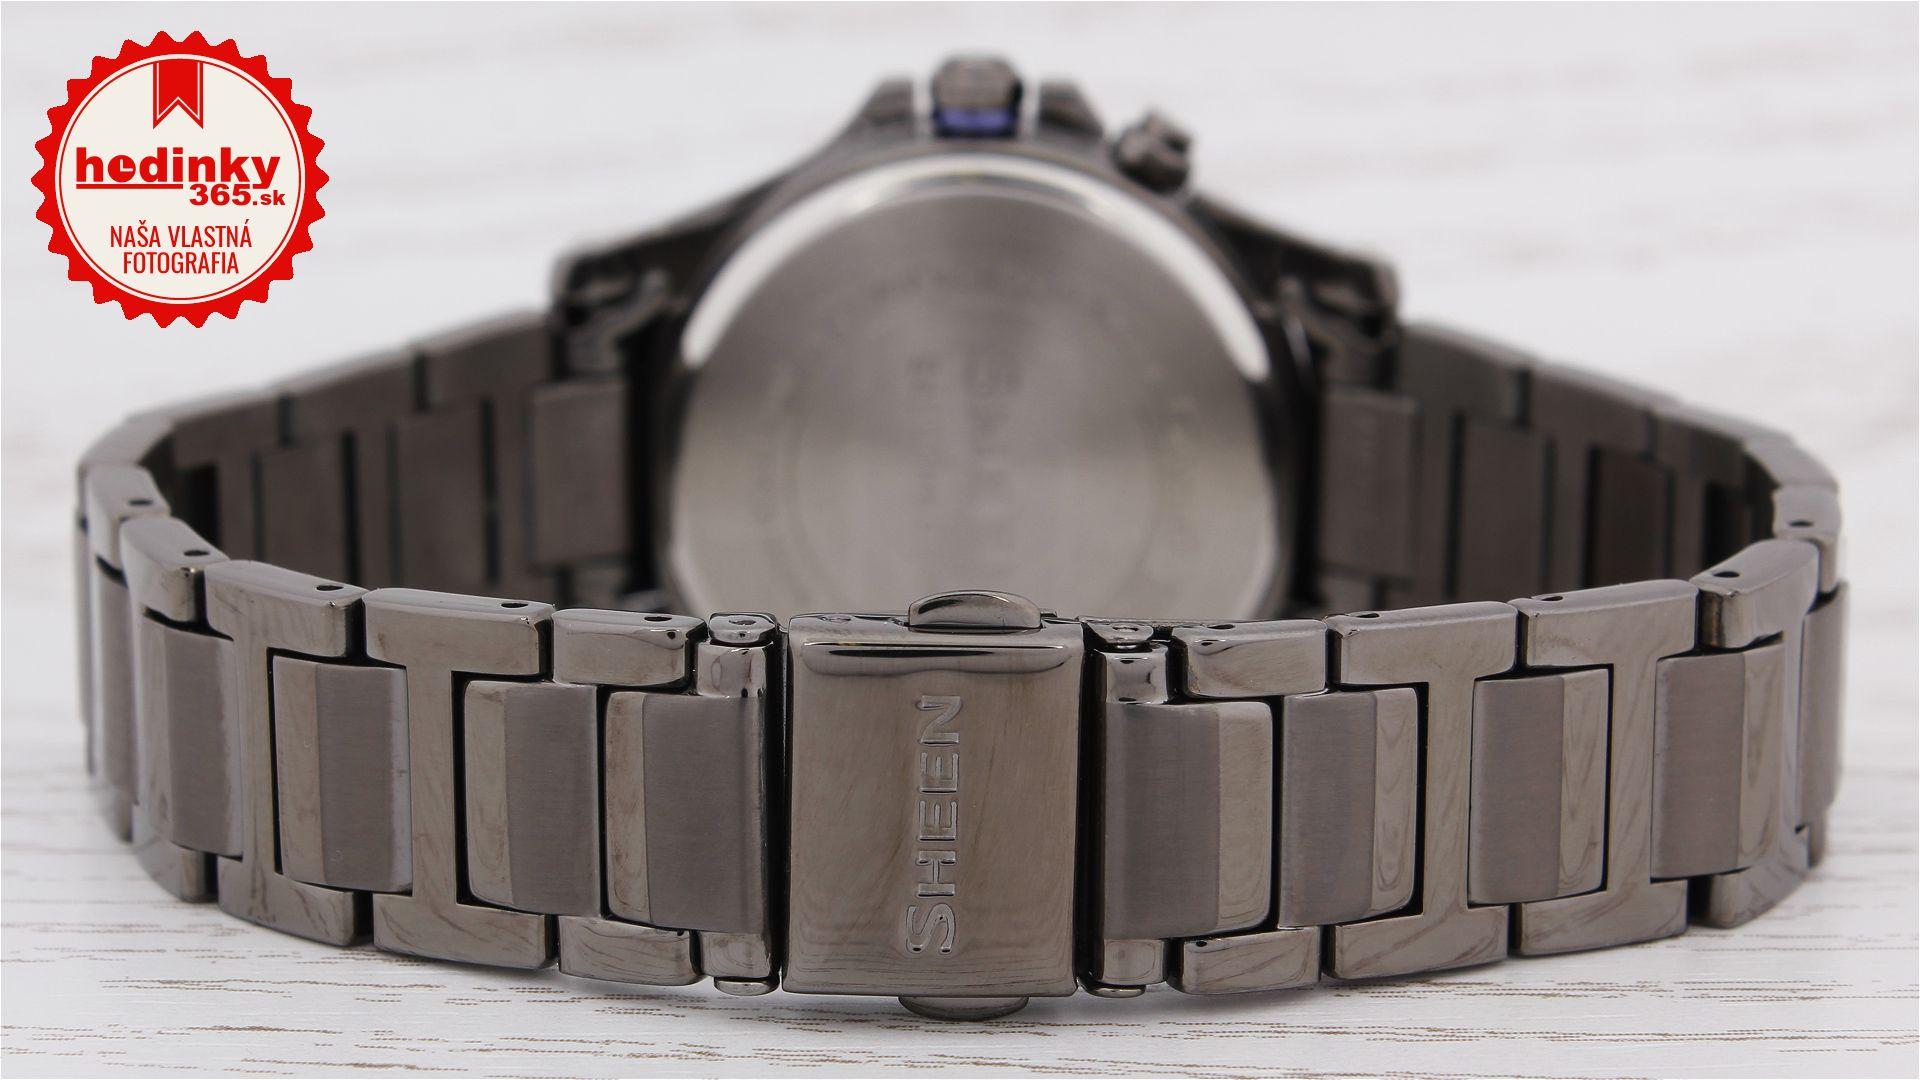 ed06c2ff1 Dámske hodinky - ocelový remienok, ocel puzdro, safírové sklíčko. Všetky  technické parametre nájdete nižšie